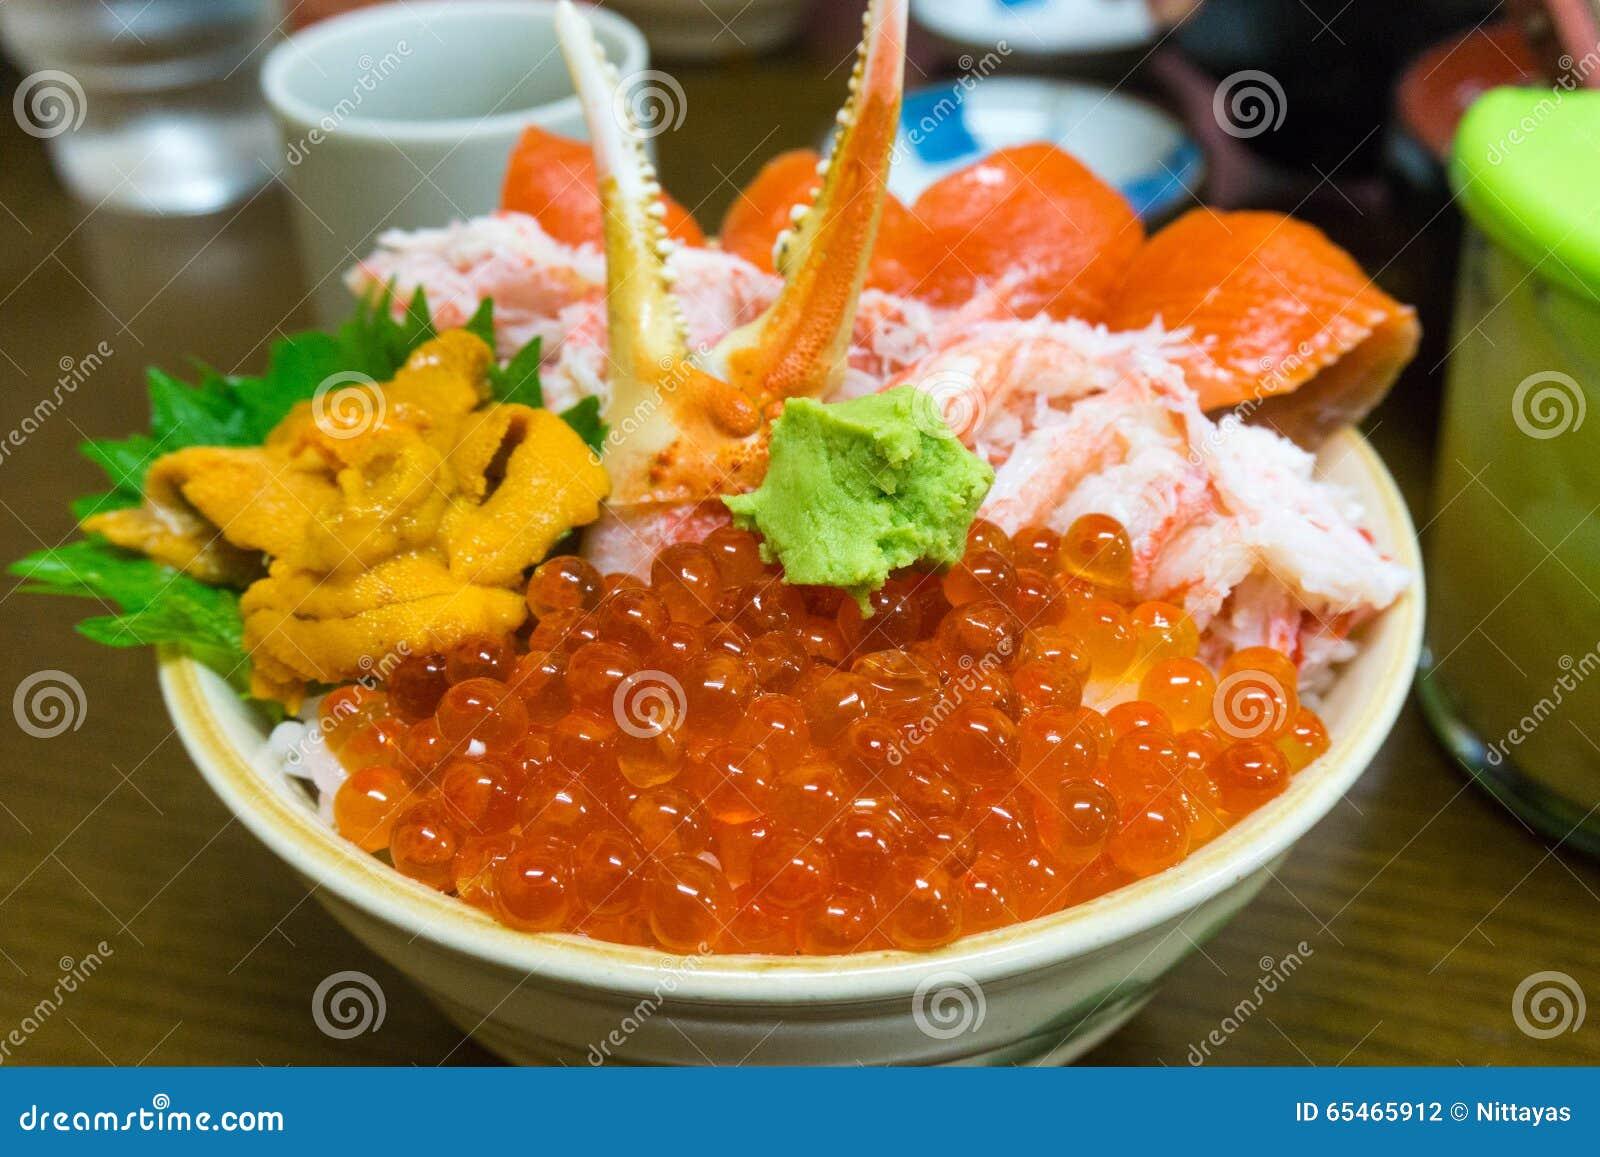 Sushi With Fish Egg Stock Photo - Image: 40146773